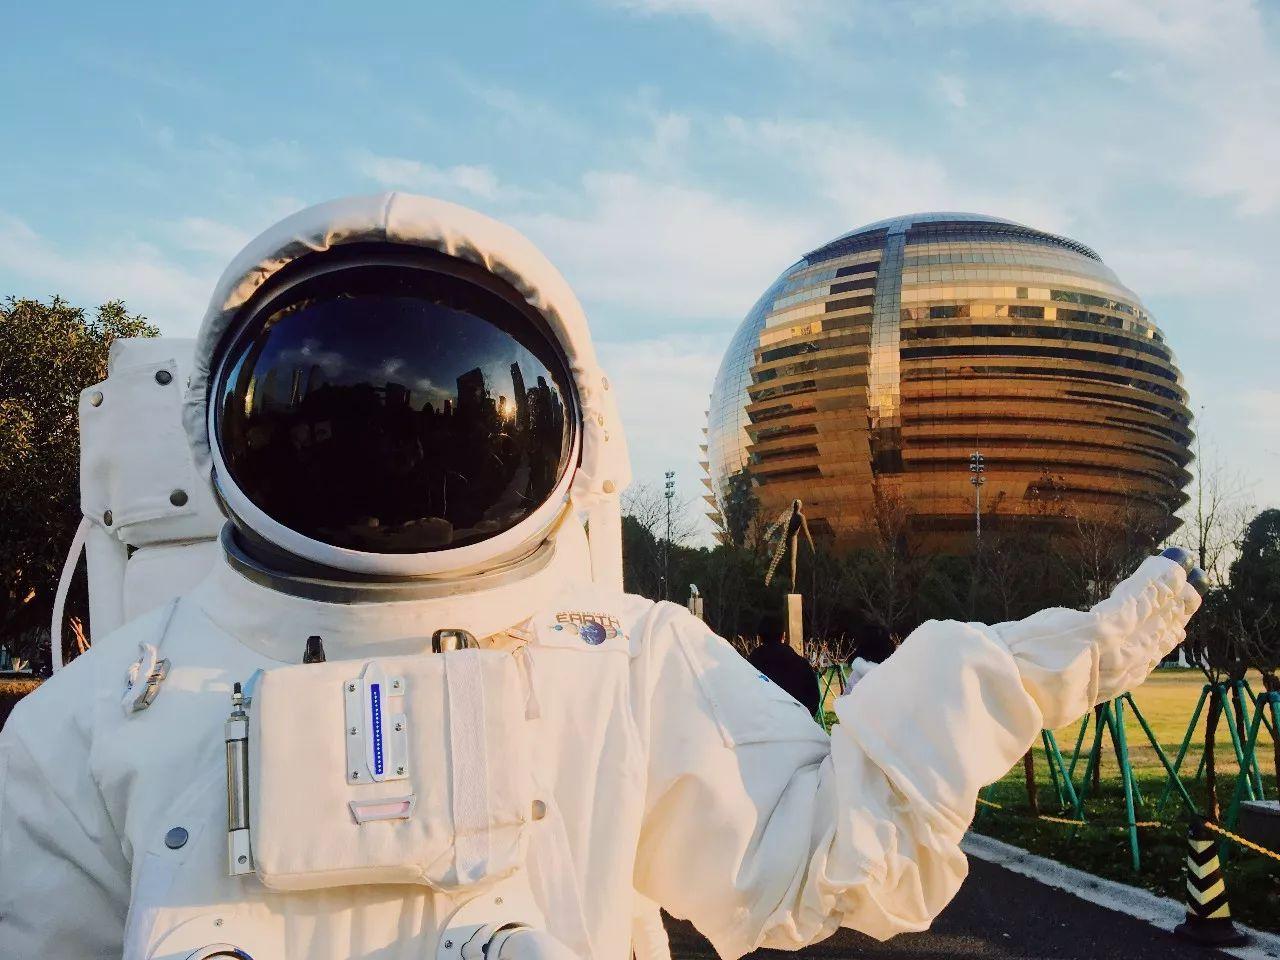 杭州街头惊现宇航员,NASA航天器穿越美帝来到杭州,整个太阳系都在你眼前!(图11)